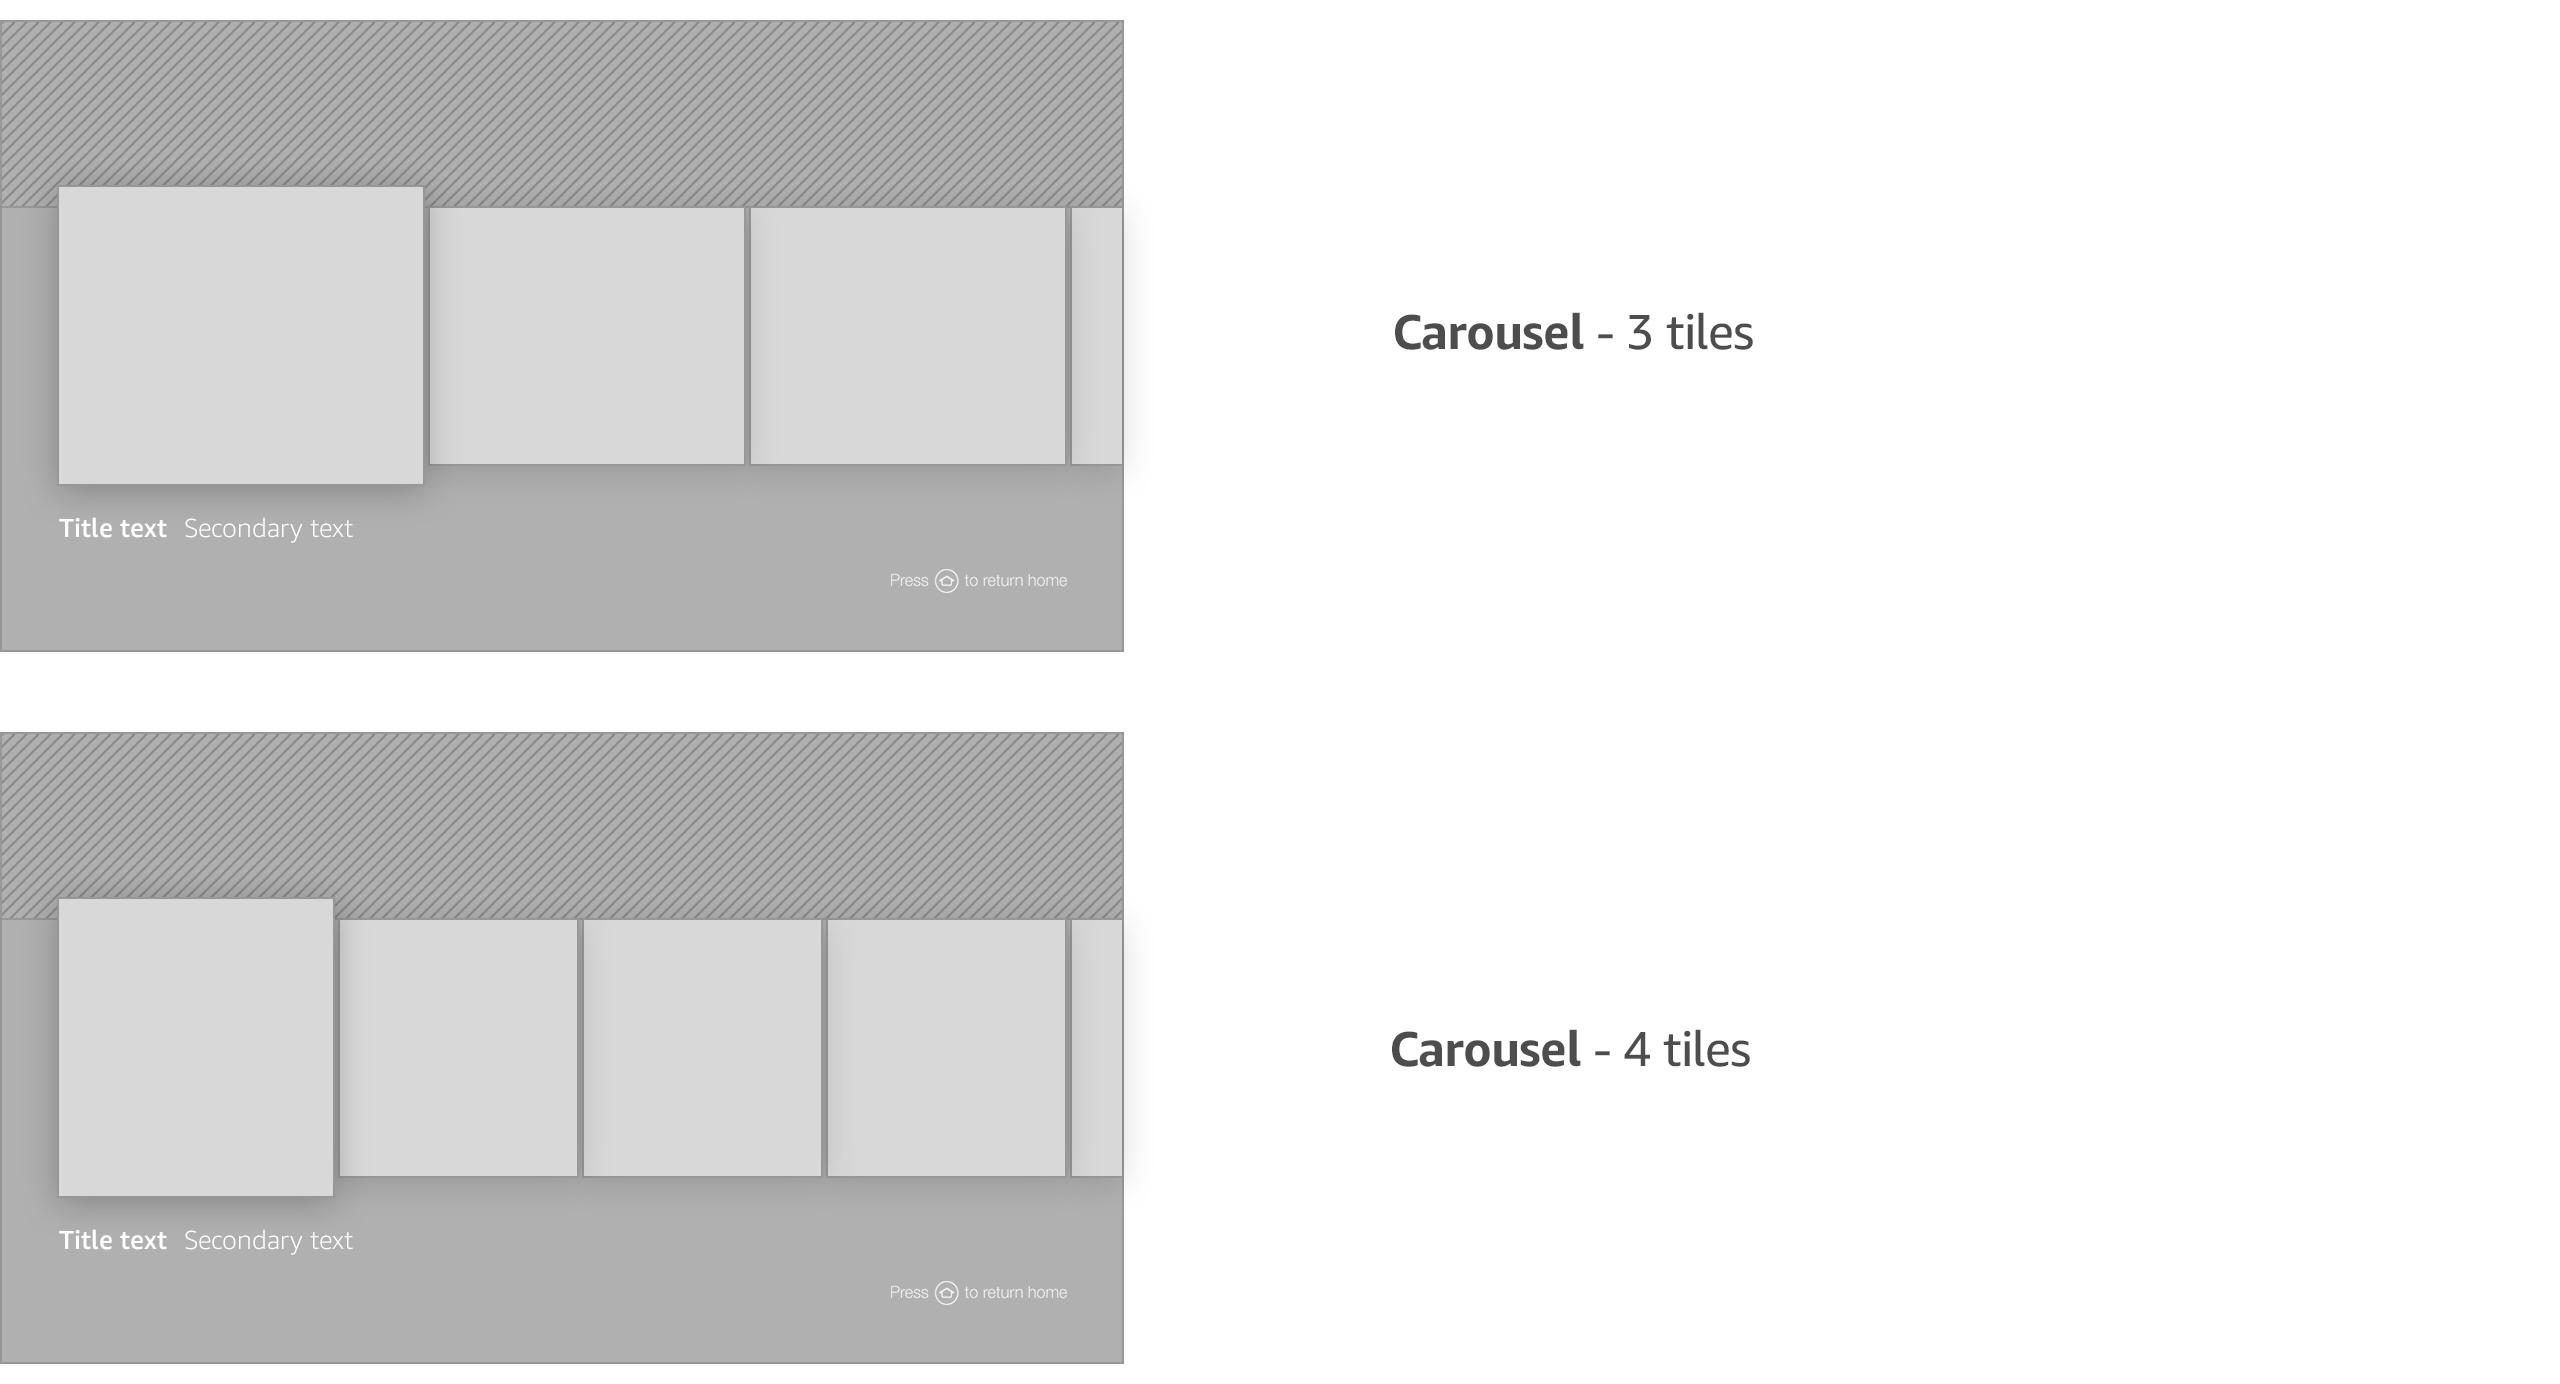 Carousel diagram